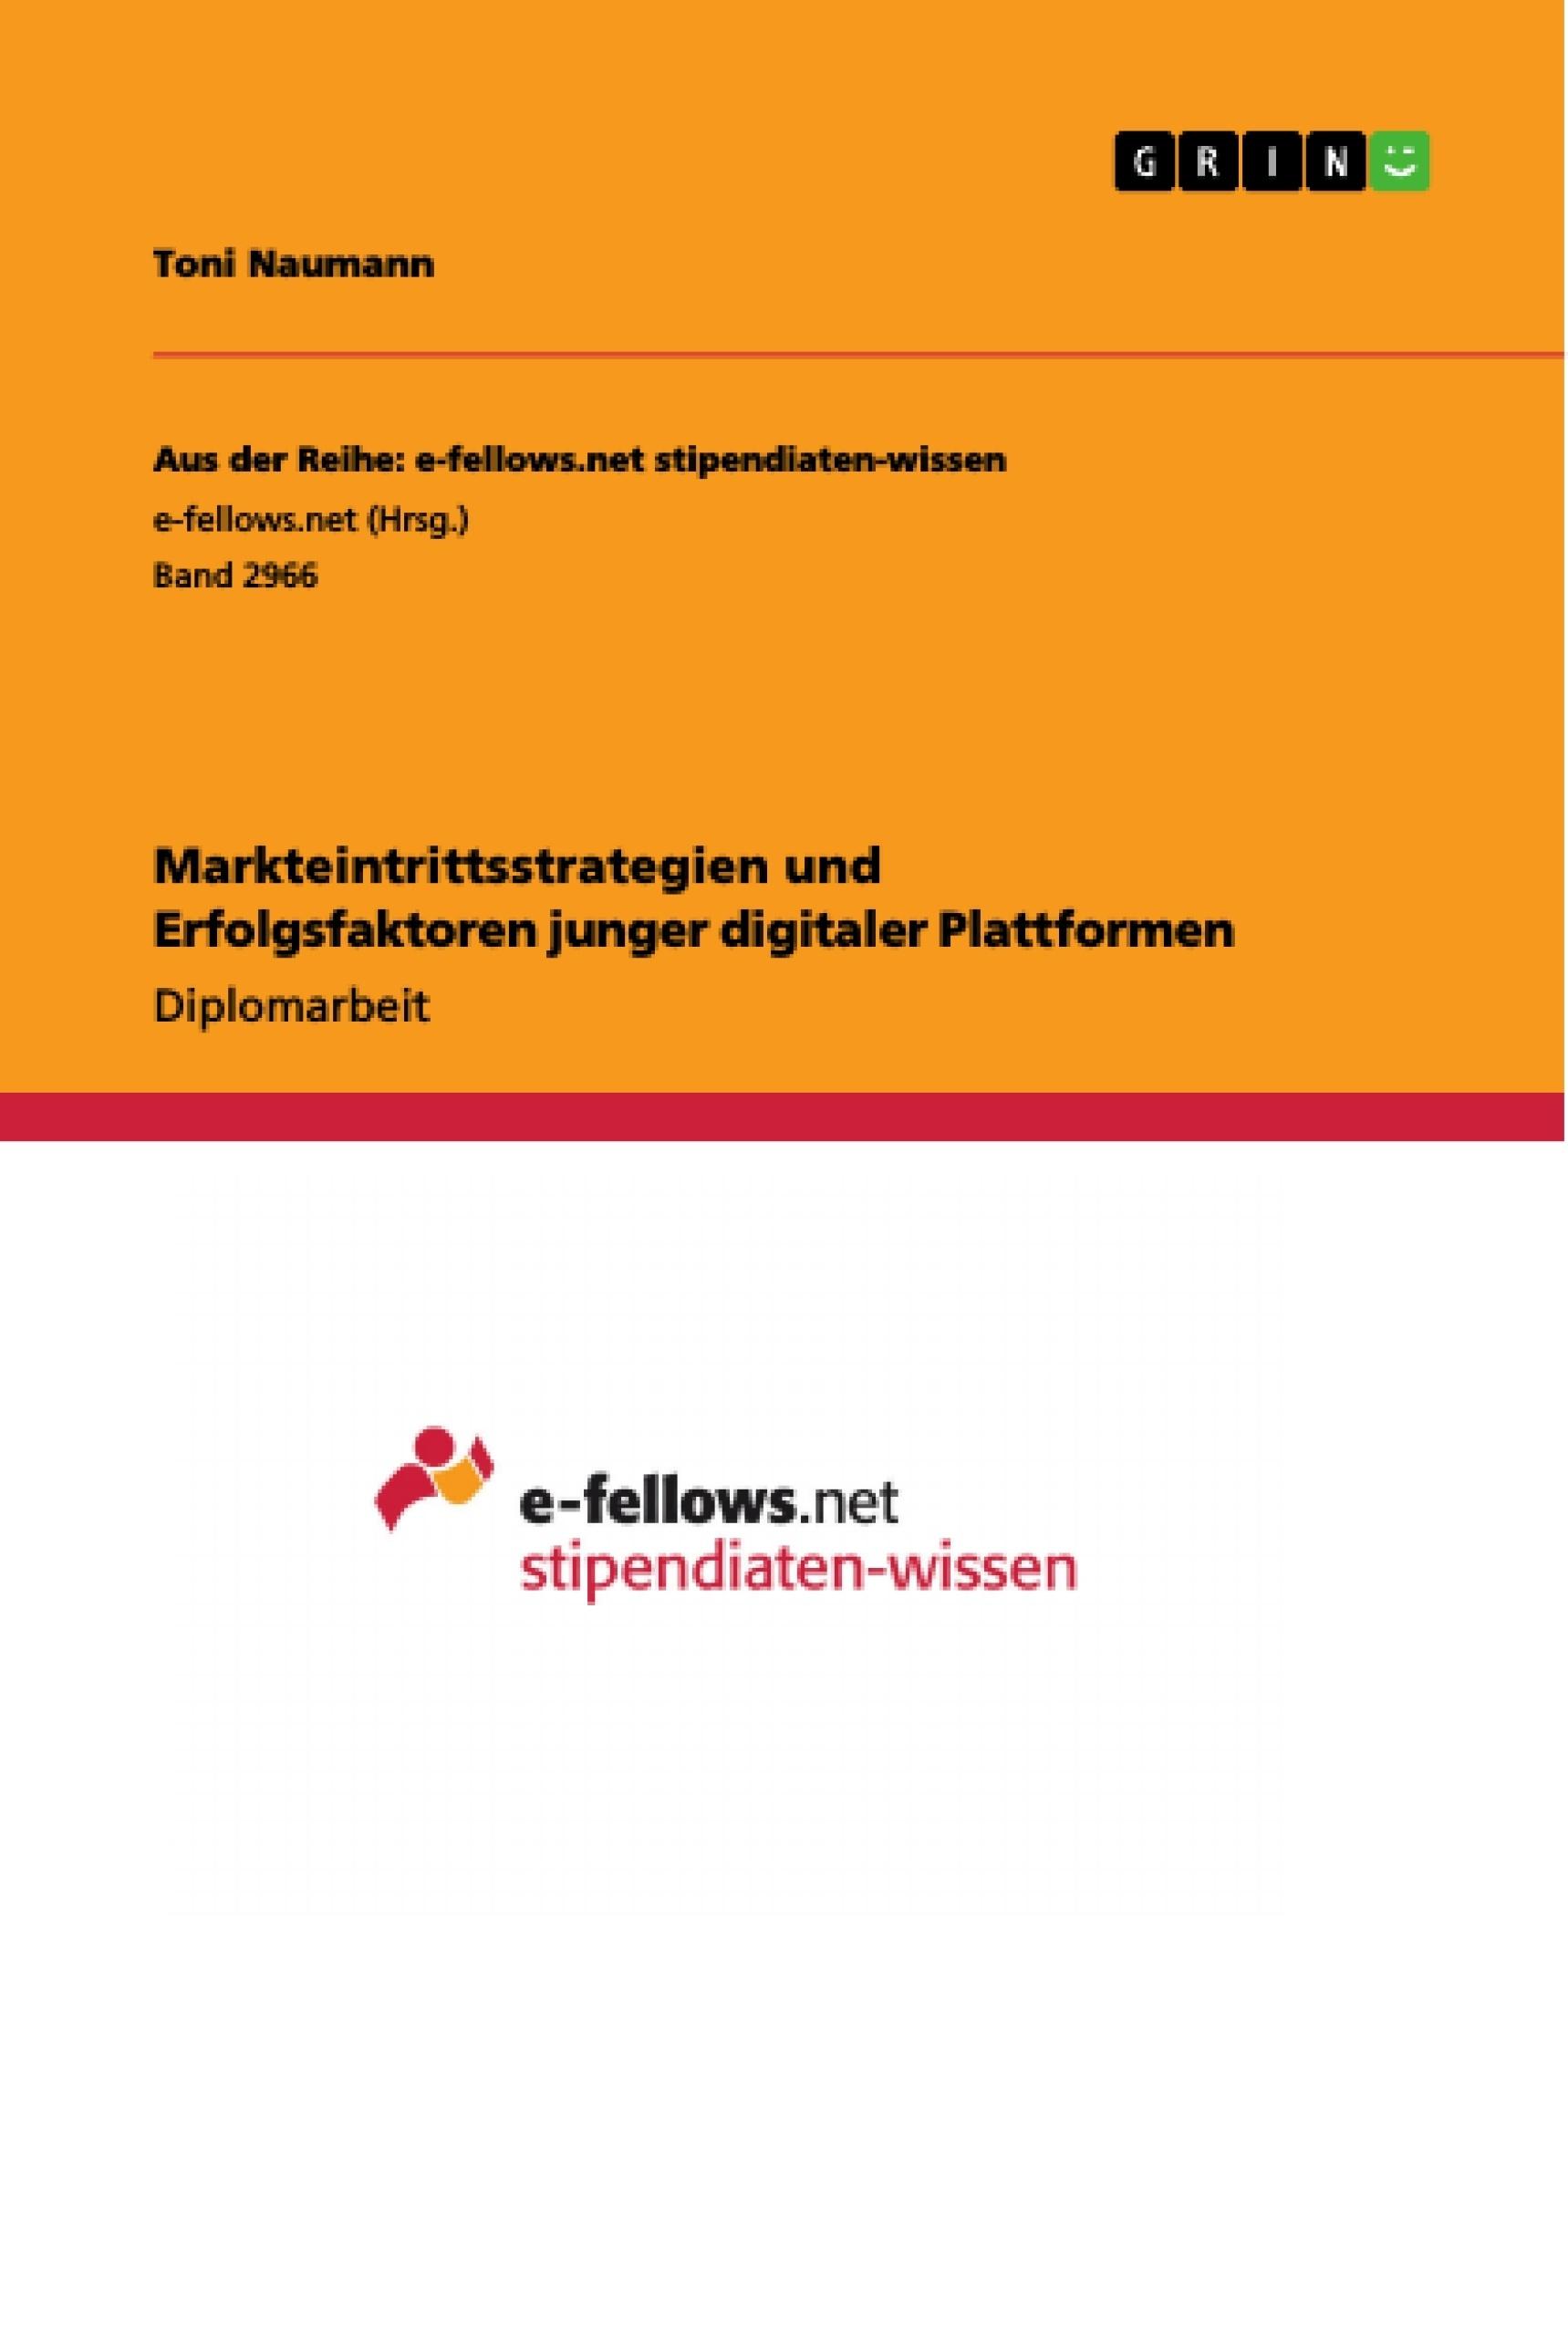 Titel: Markteintrittsstrategien und Erfolgsfaktoren junger digitaler Plattformen